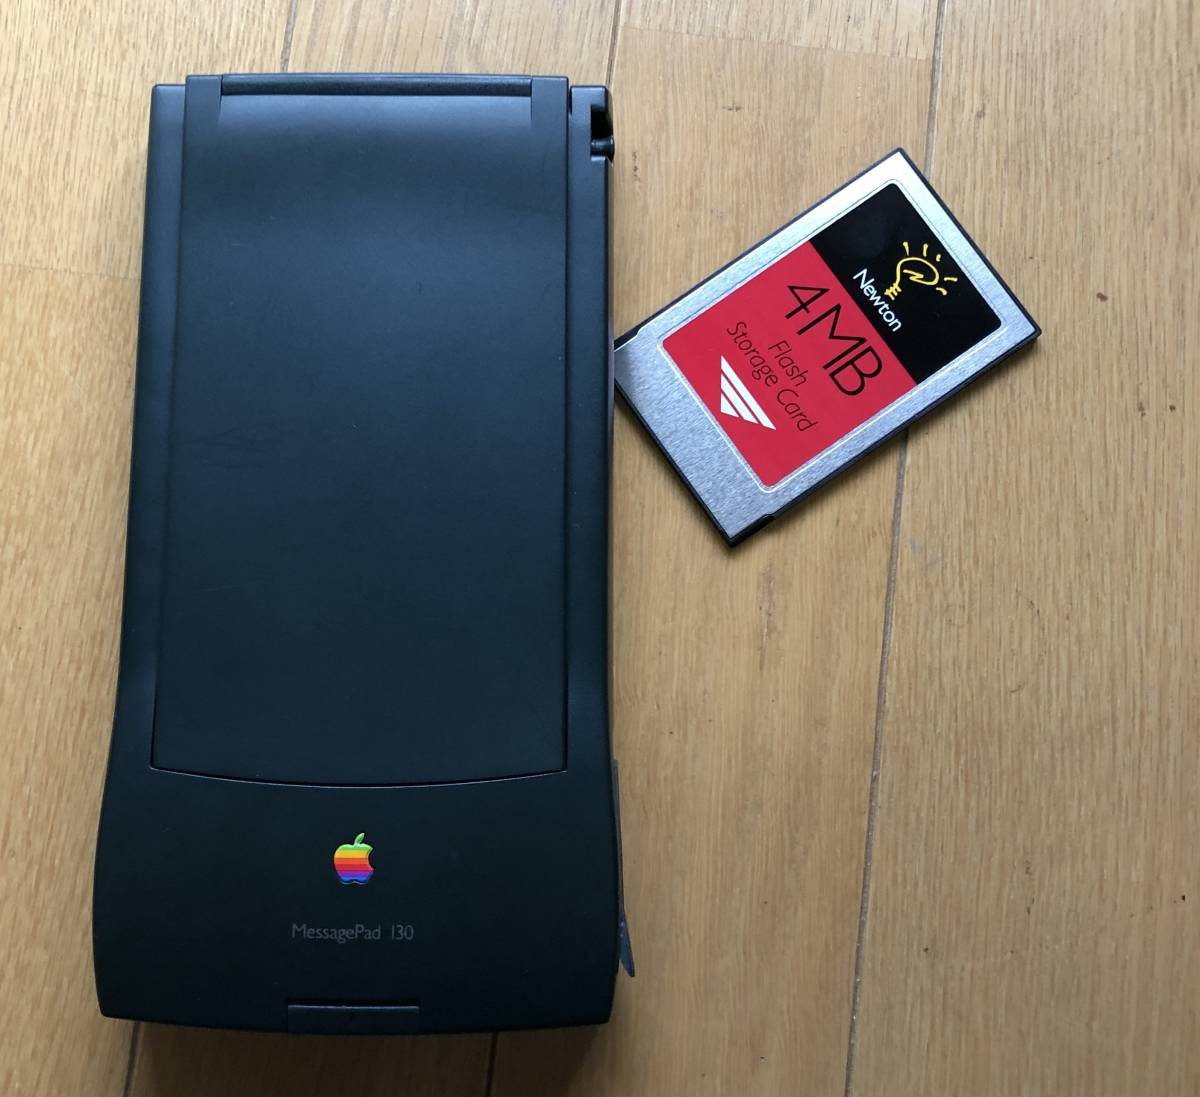 Apple Newton MessagePad 130 ACアダブタ 動作品 4MBメモリーカード付き_画像9